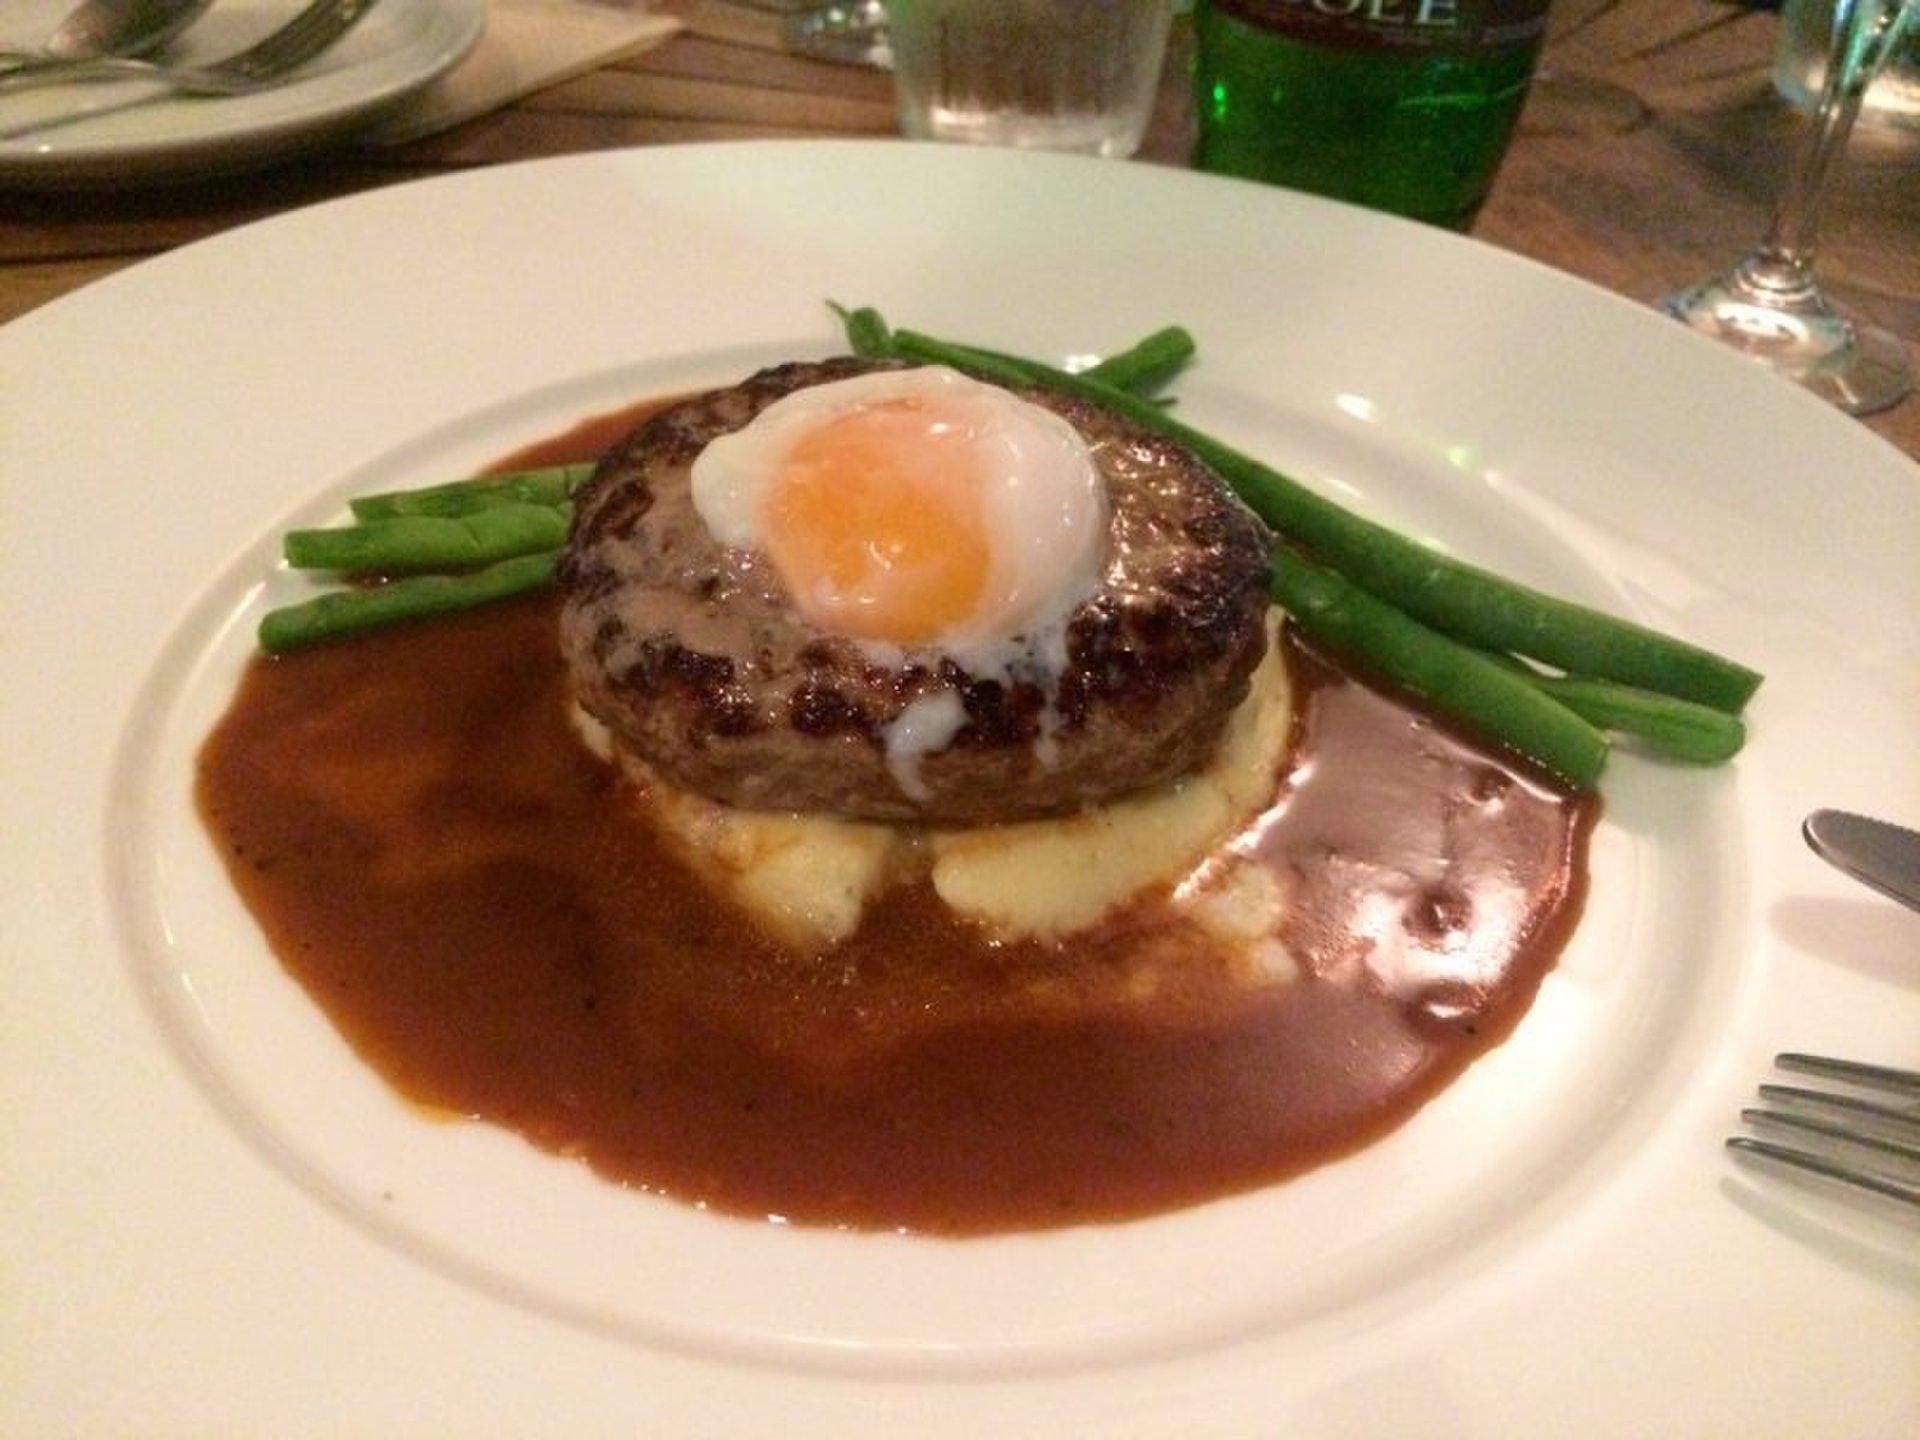 カップルで楽しめるイタリアン料理が食べれる【渋谷周辺】のお店を厳選紹介!デートのディナーにおすすめ